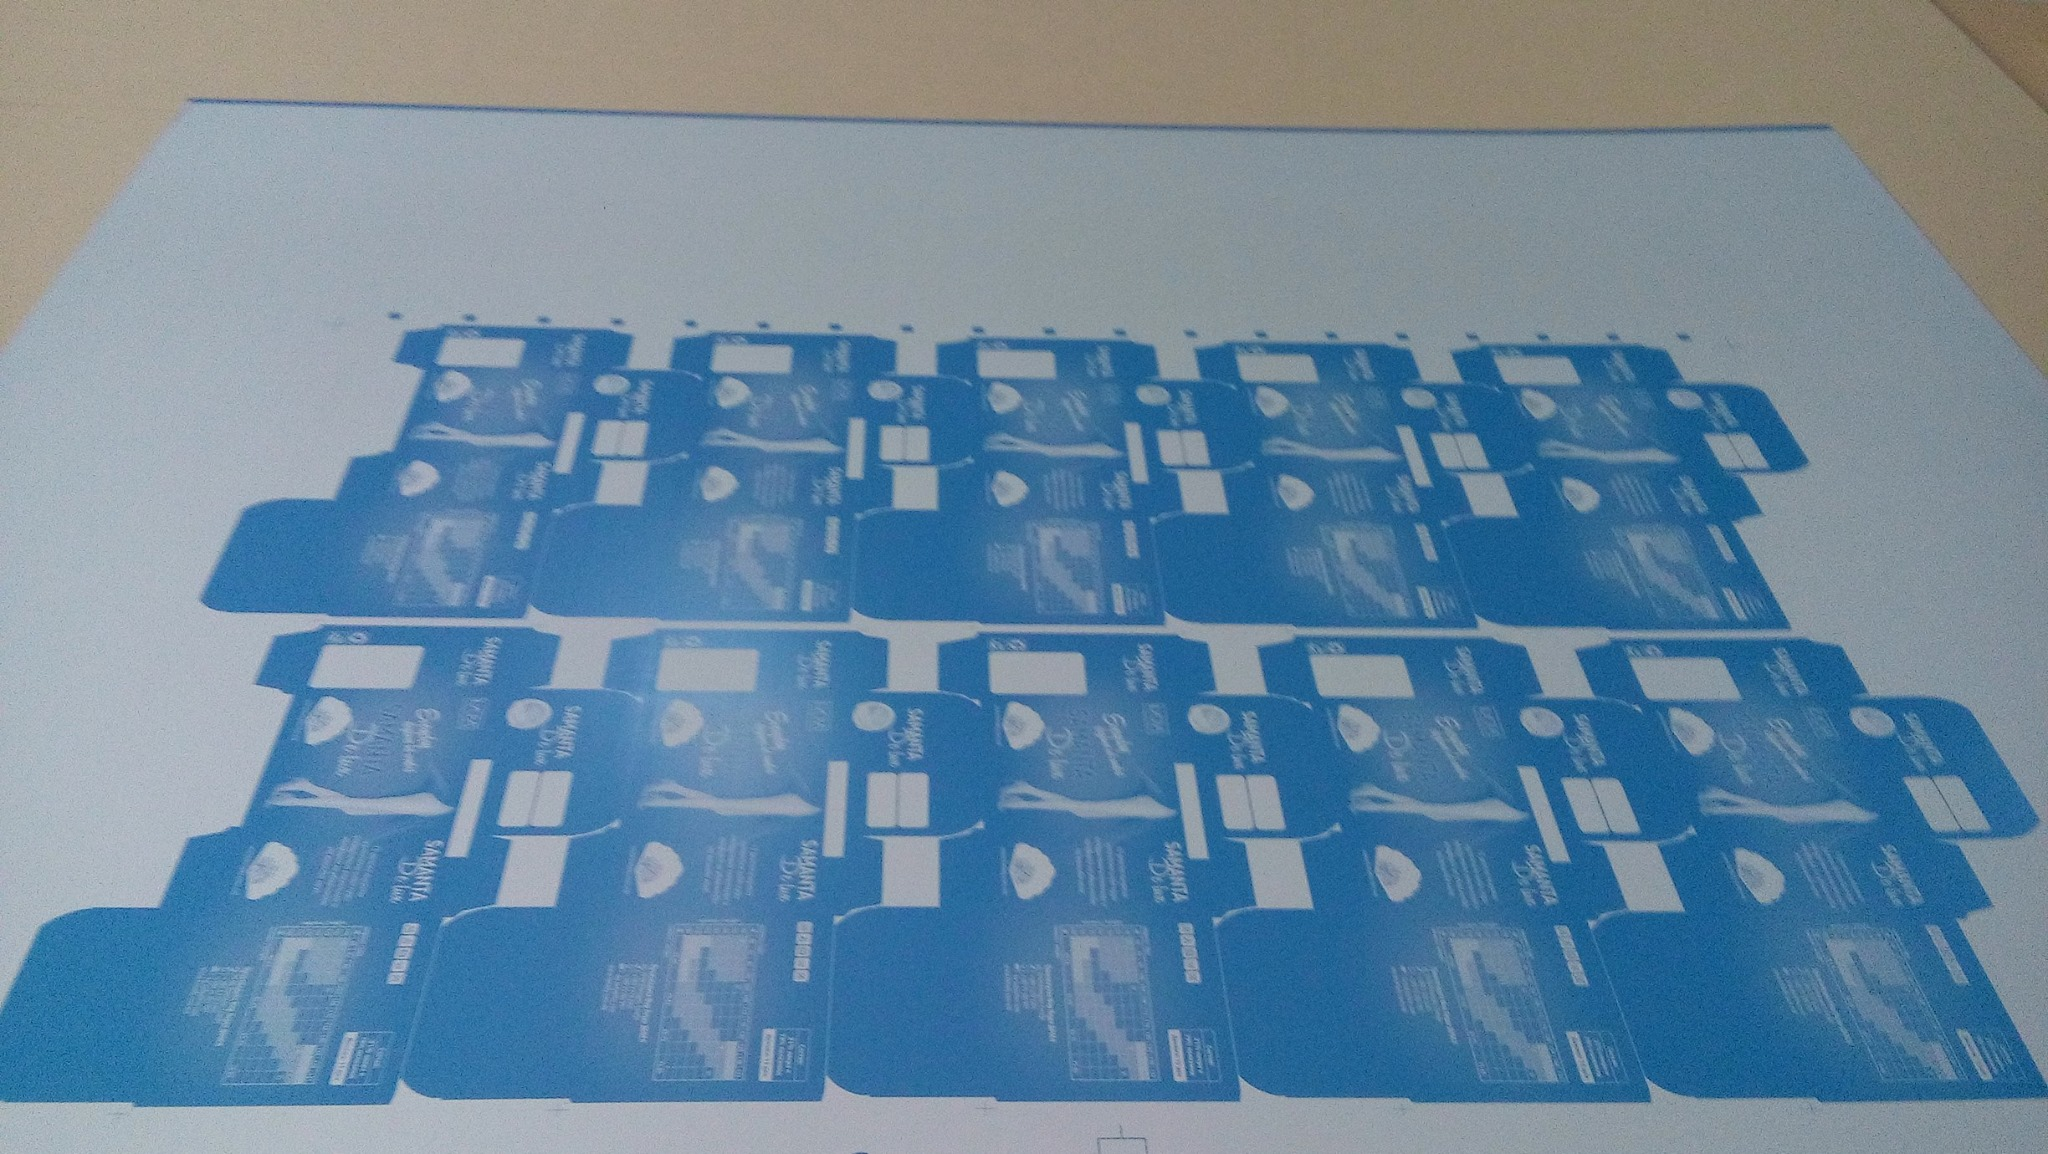 لوح طباعي زنك بعد الأنتهاء من التصوير و جاهز للطباعة يعني ايه فصل ألوان